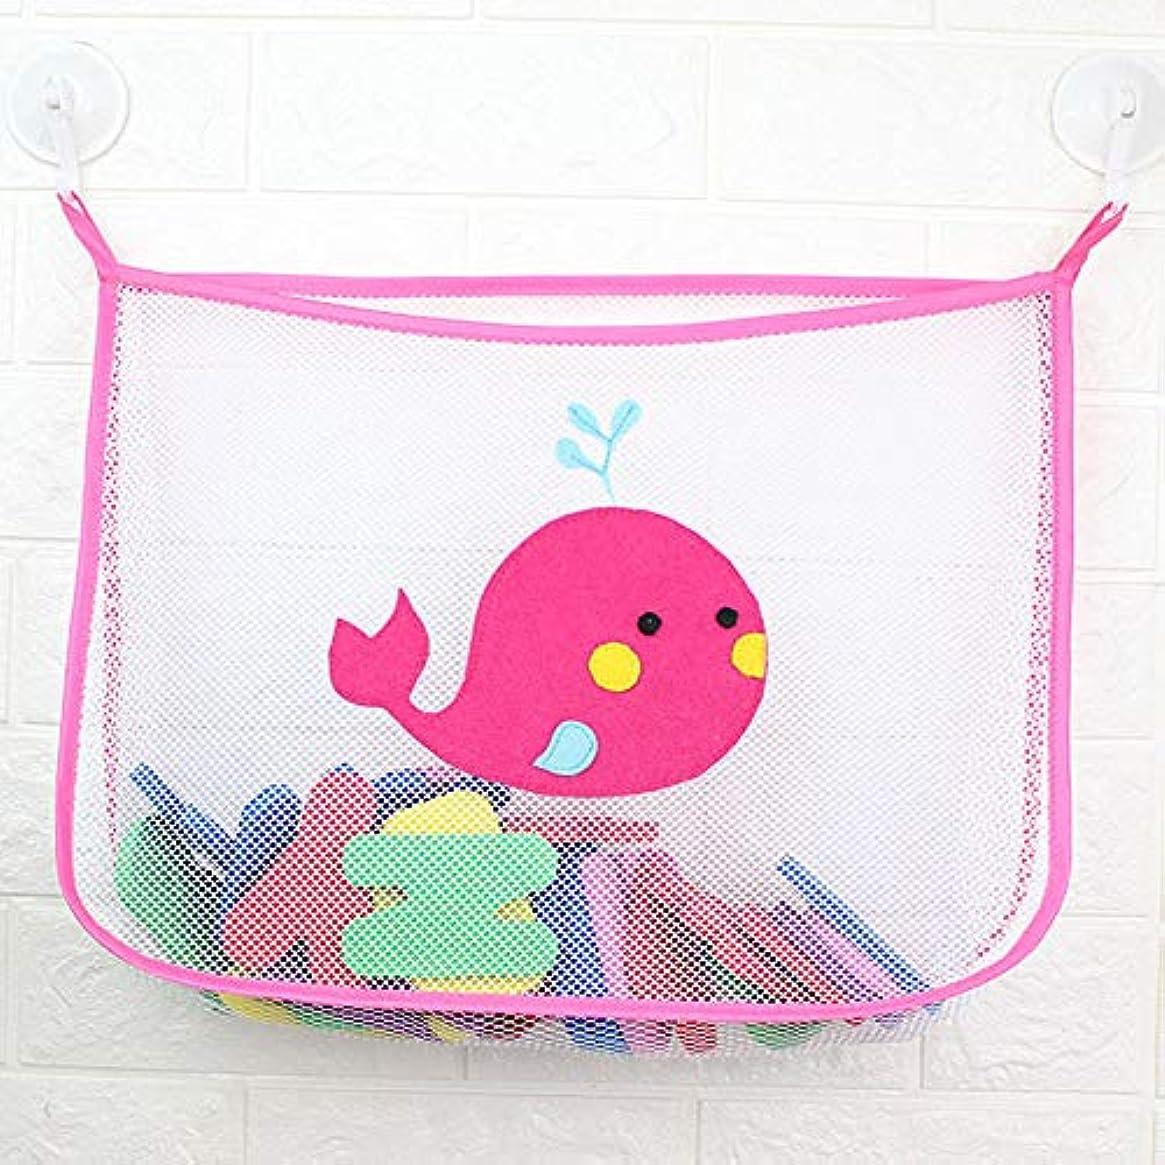 剃る衝突コースフィットベビーシャワー風呂のおもちゃ小さなアヒル小さなカエルの赤ちゃん子供のおもちゃ収納メッシュで強い吸盤玩具バッグネット浴室オーガナイザー (ピンク)